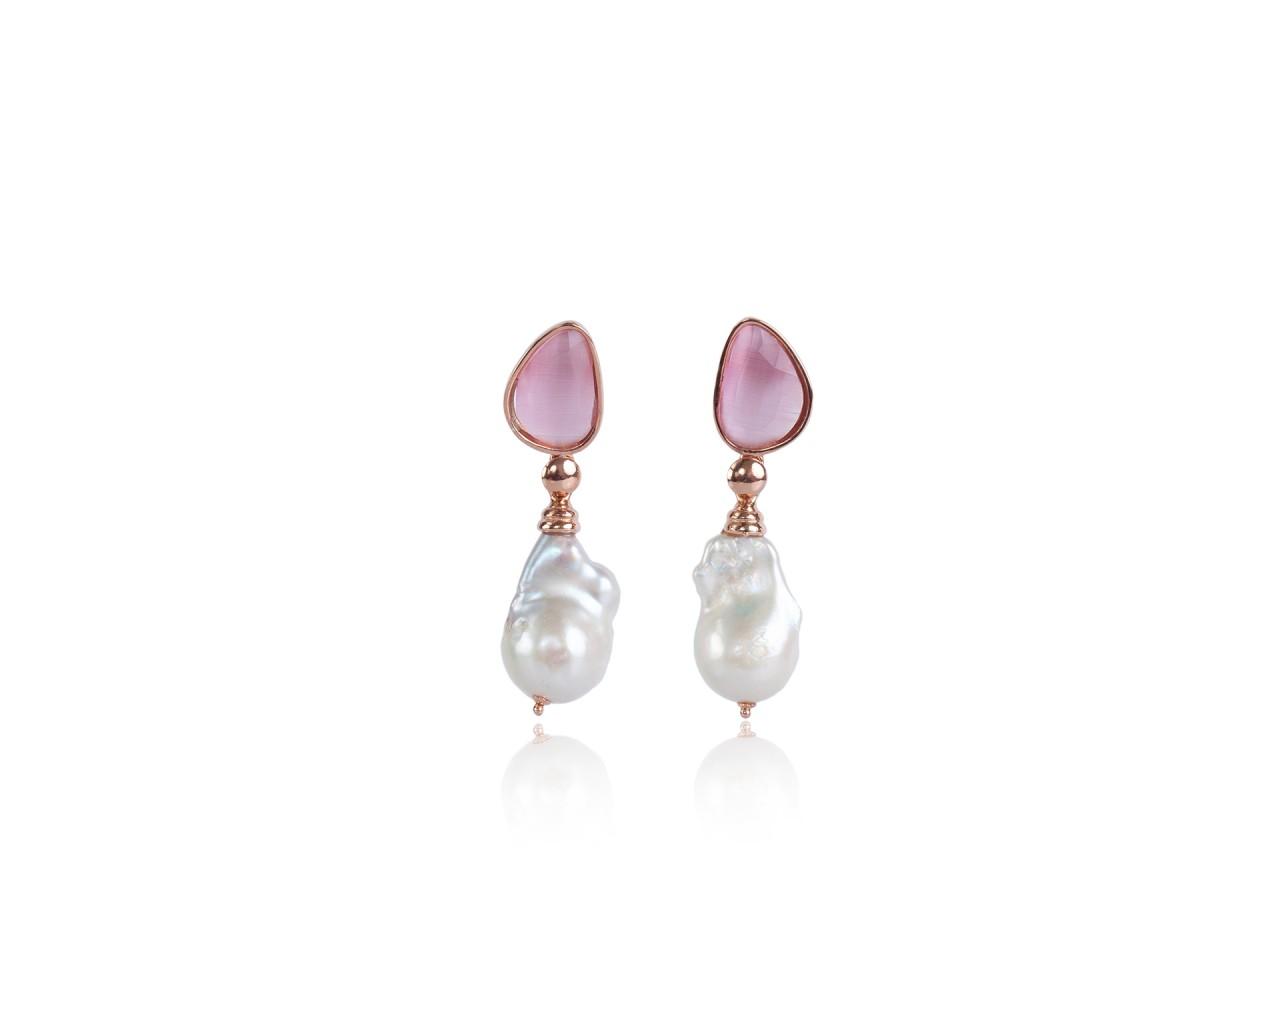 Orecchini in argento con pietre color rosa e perle barocche naturali